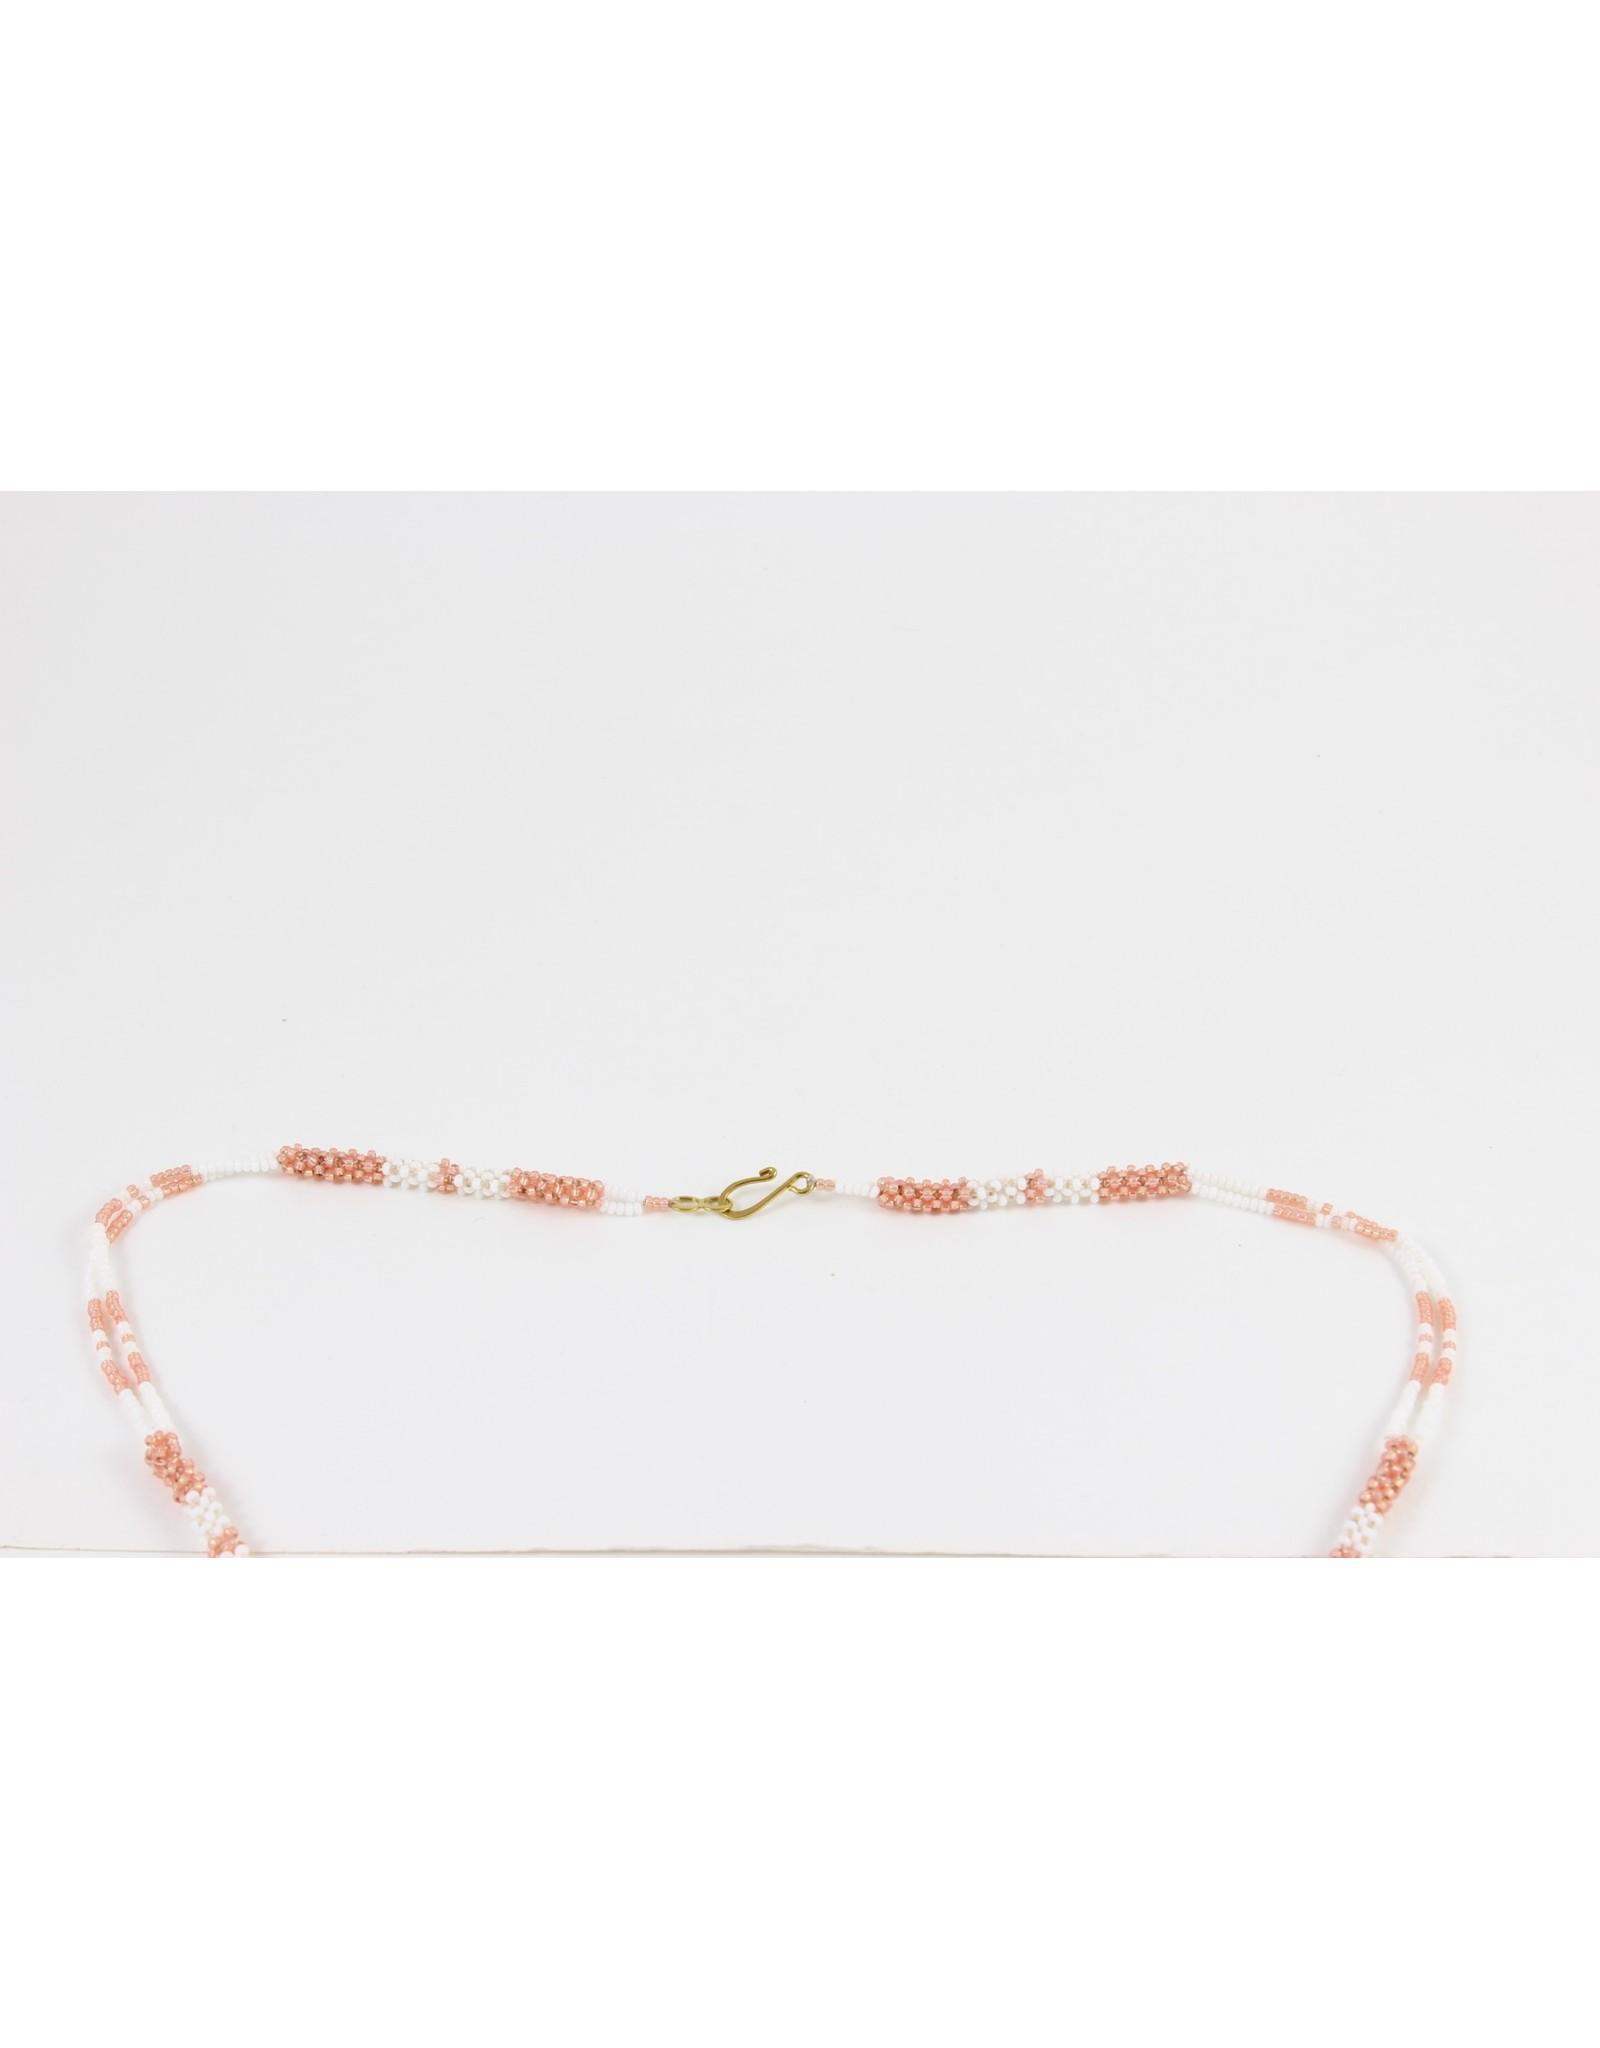 Nancy Oakley Beaded Agate Necklace by Nancy Oakley